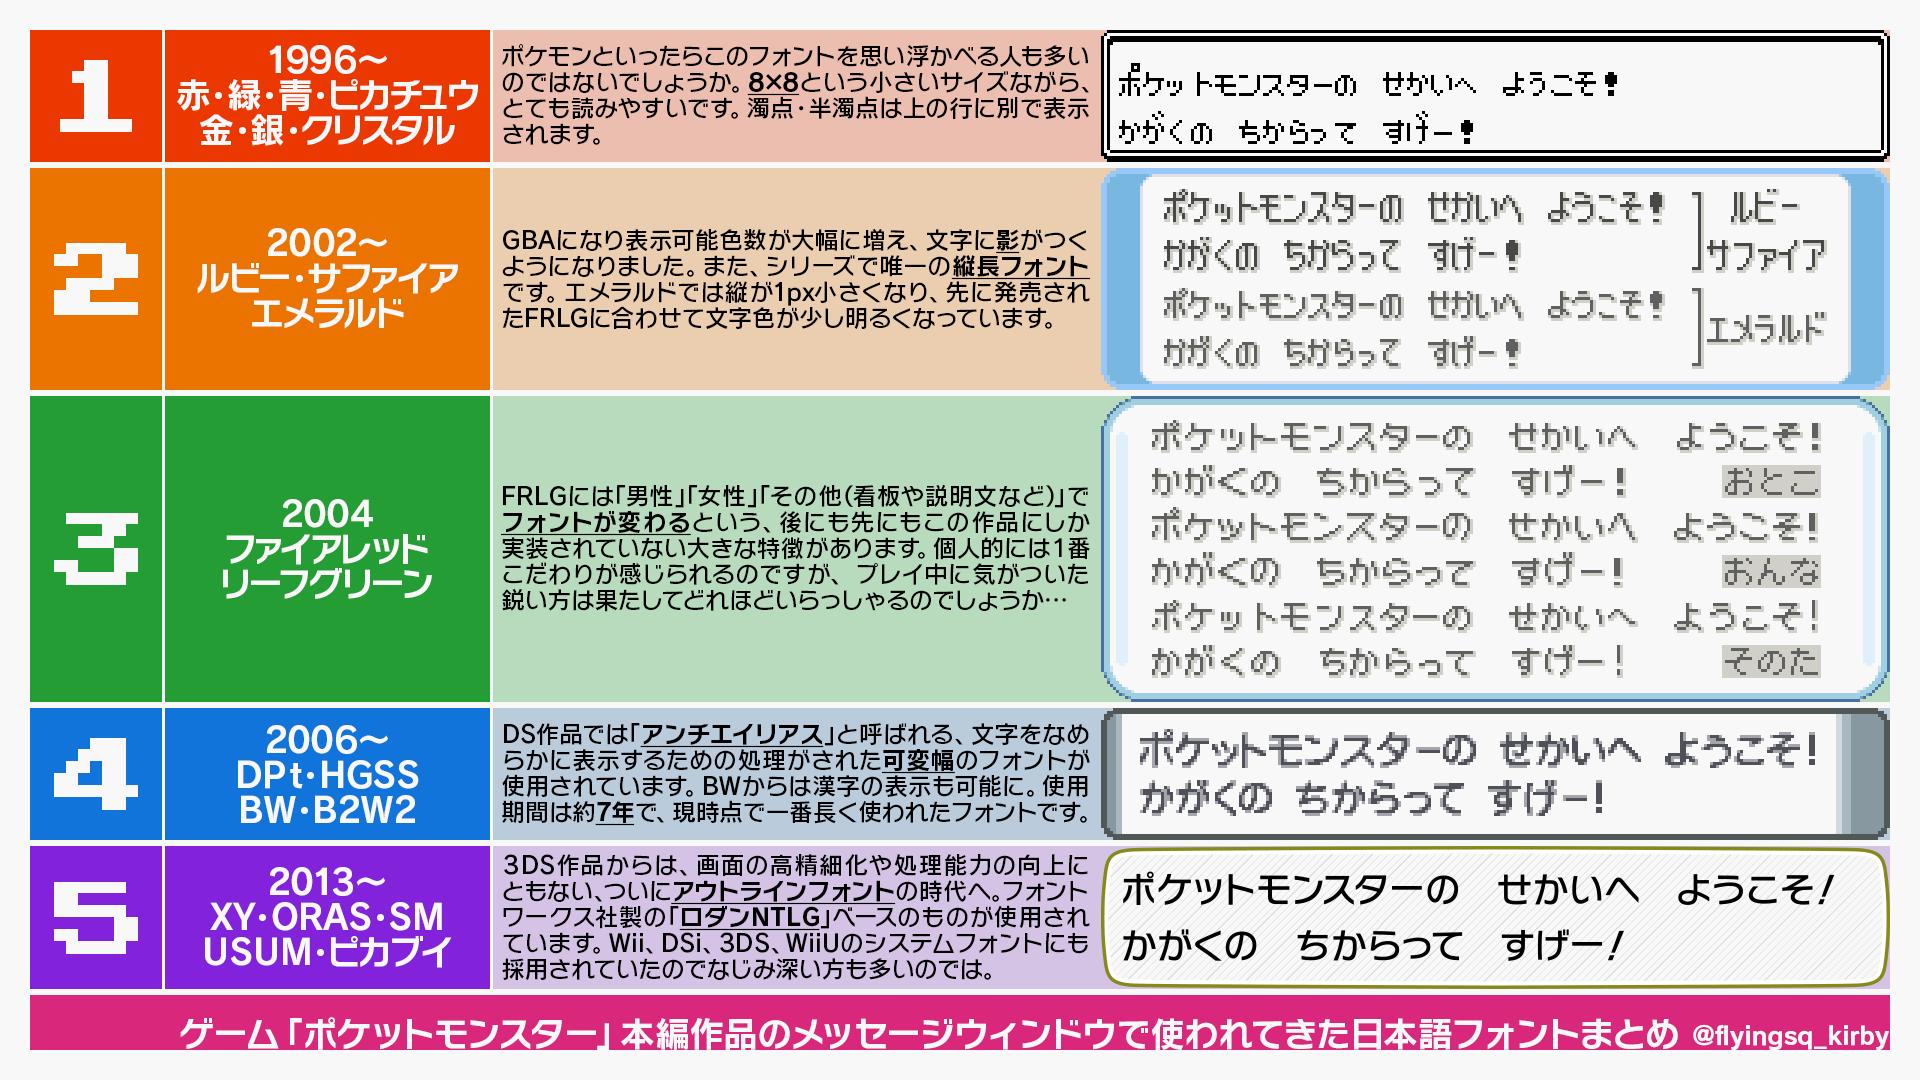 「ポケモン」本編作品のメッセージウィンドウで使われてきた日本語フォントをまとめてみました。大きく分けて5世代。 ロダンNTLG以外は全部オリジナルなのかな。 だんだん高精細化されていくのを見るとやはり「かがくの ちからって すげー!」ってなりますね。